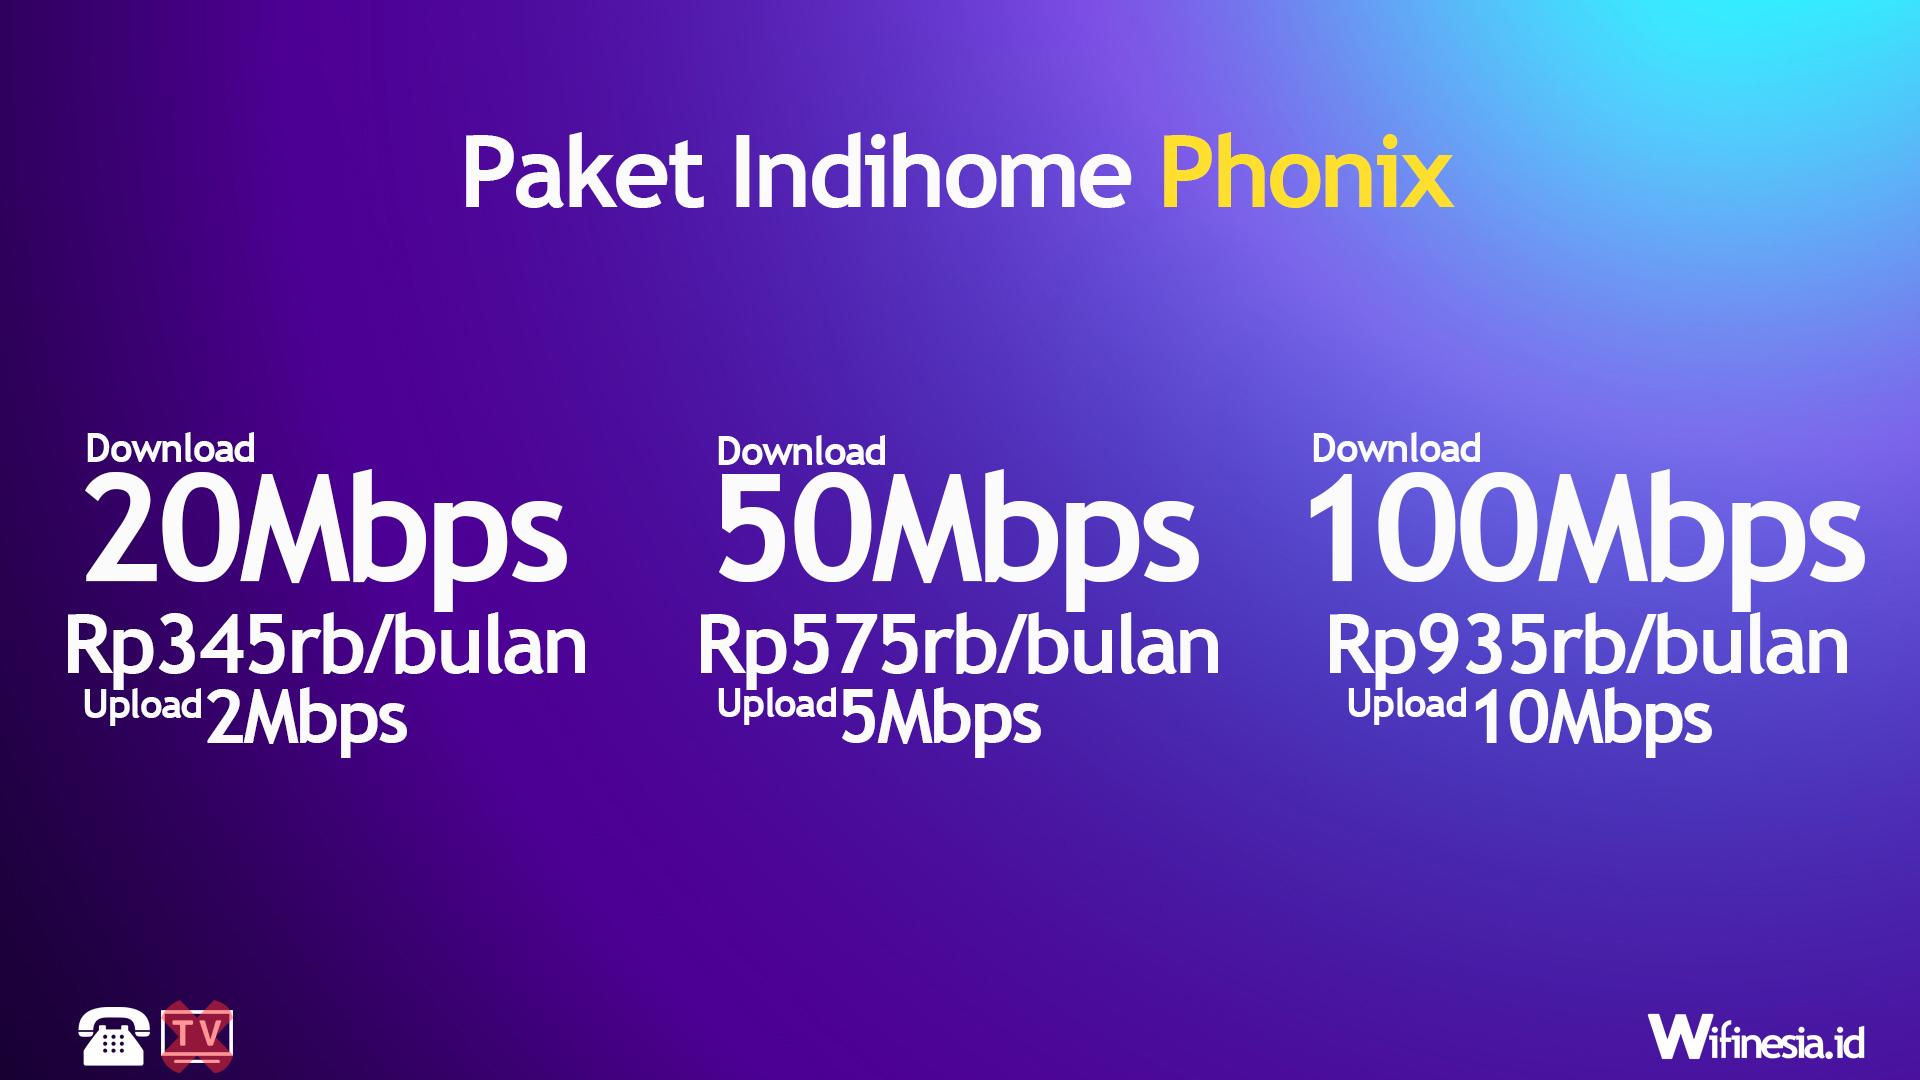 Harga Paket IndiHome Phonix